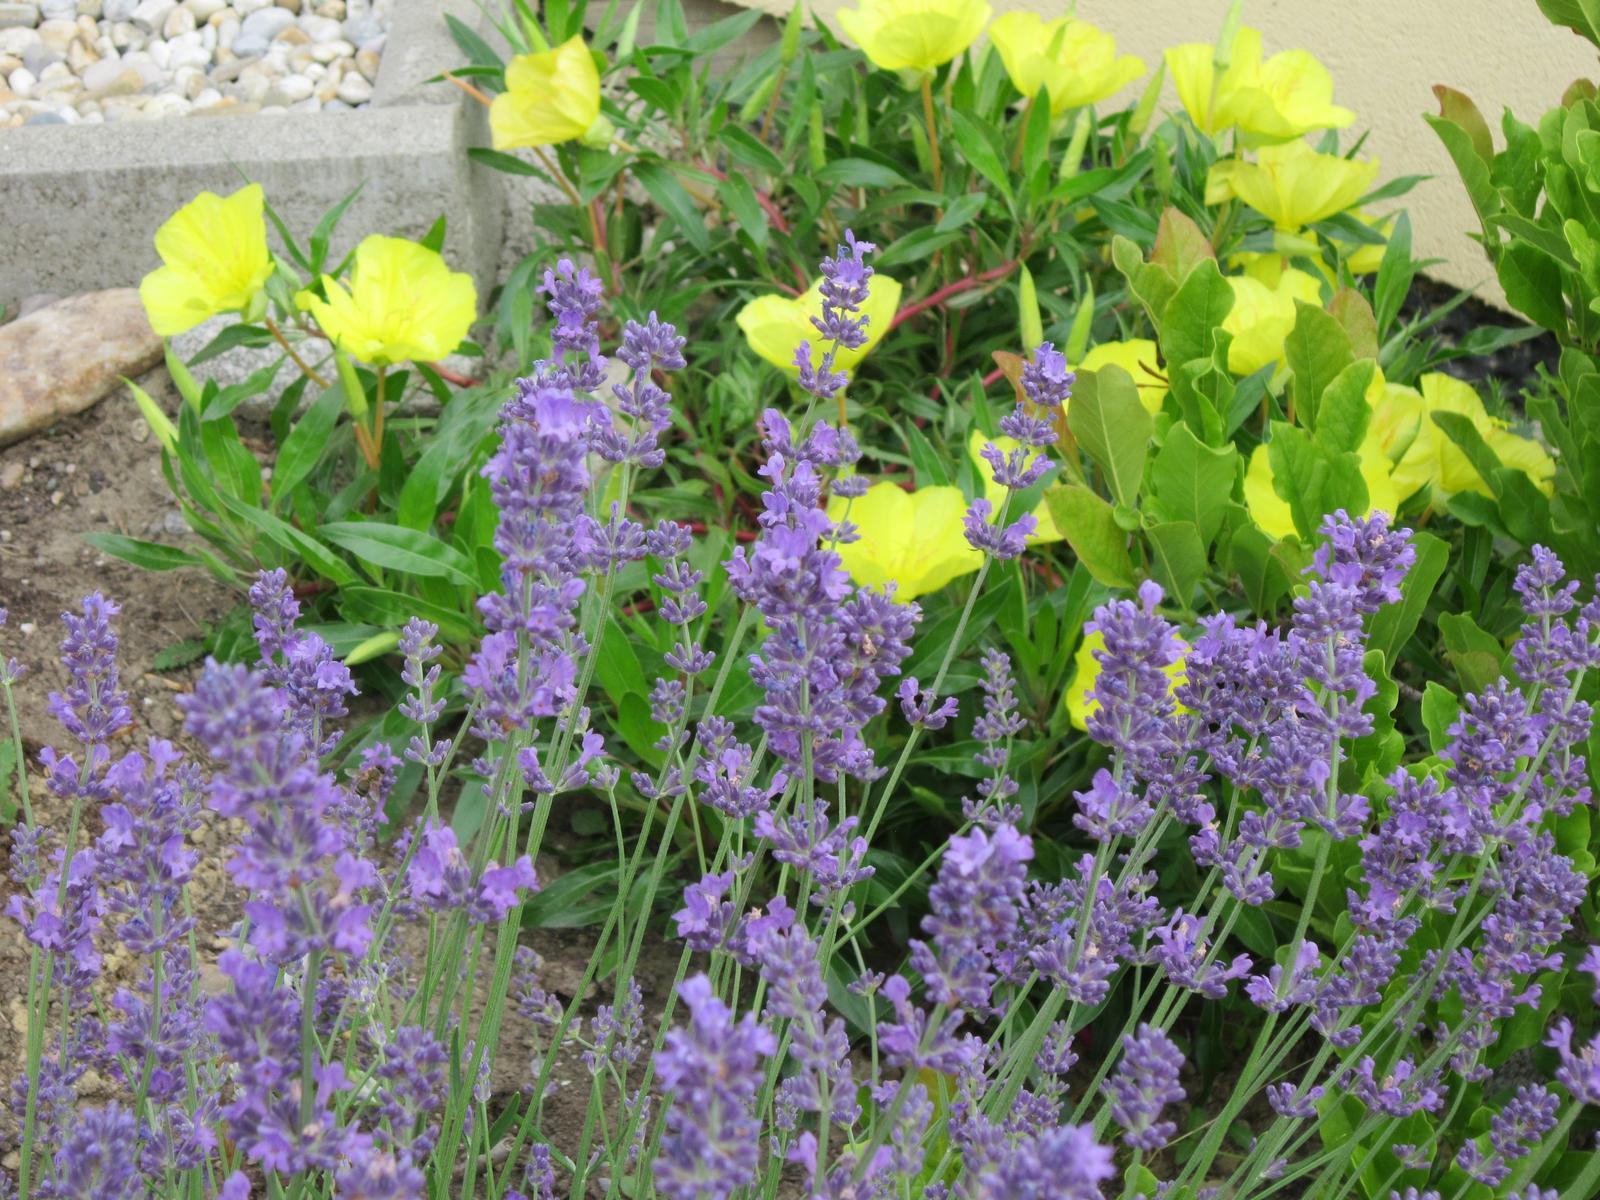 Pozvanie do našej jarnej záhrady - levandula so žiarivou púpalkou